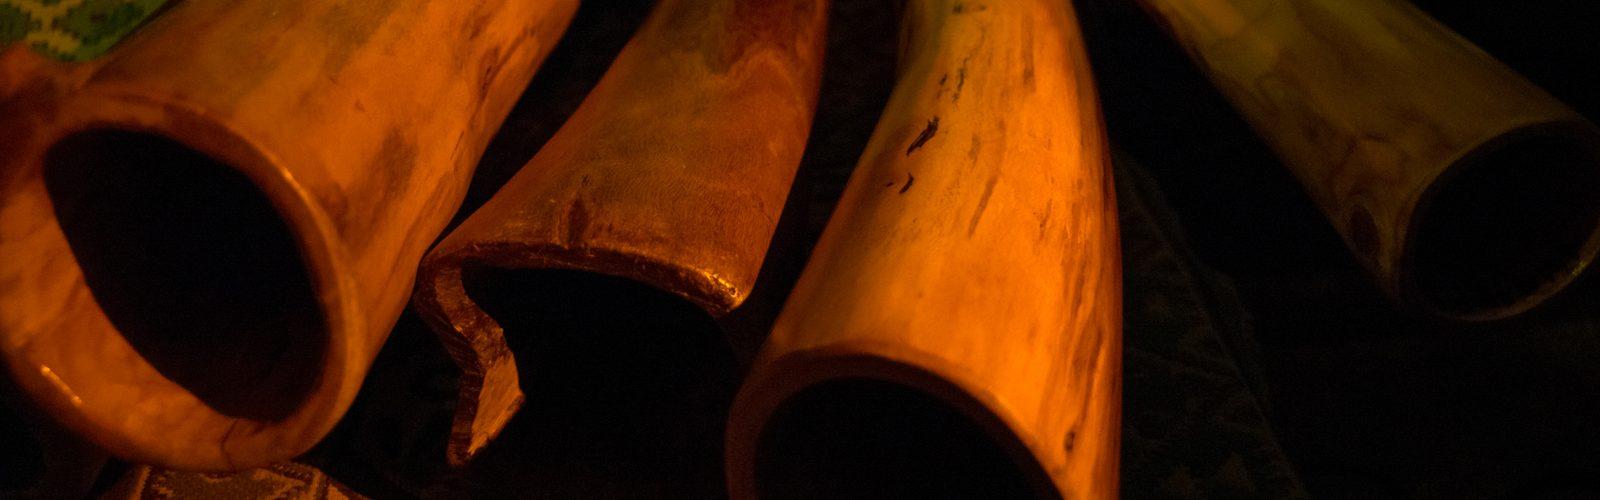 Marc-Miethe-Didgeridoo_43-marc-5